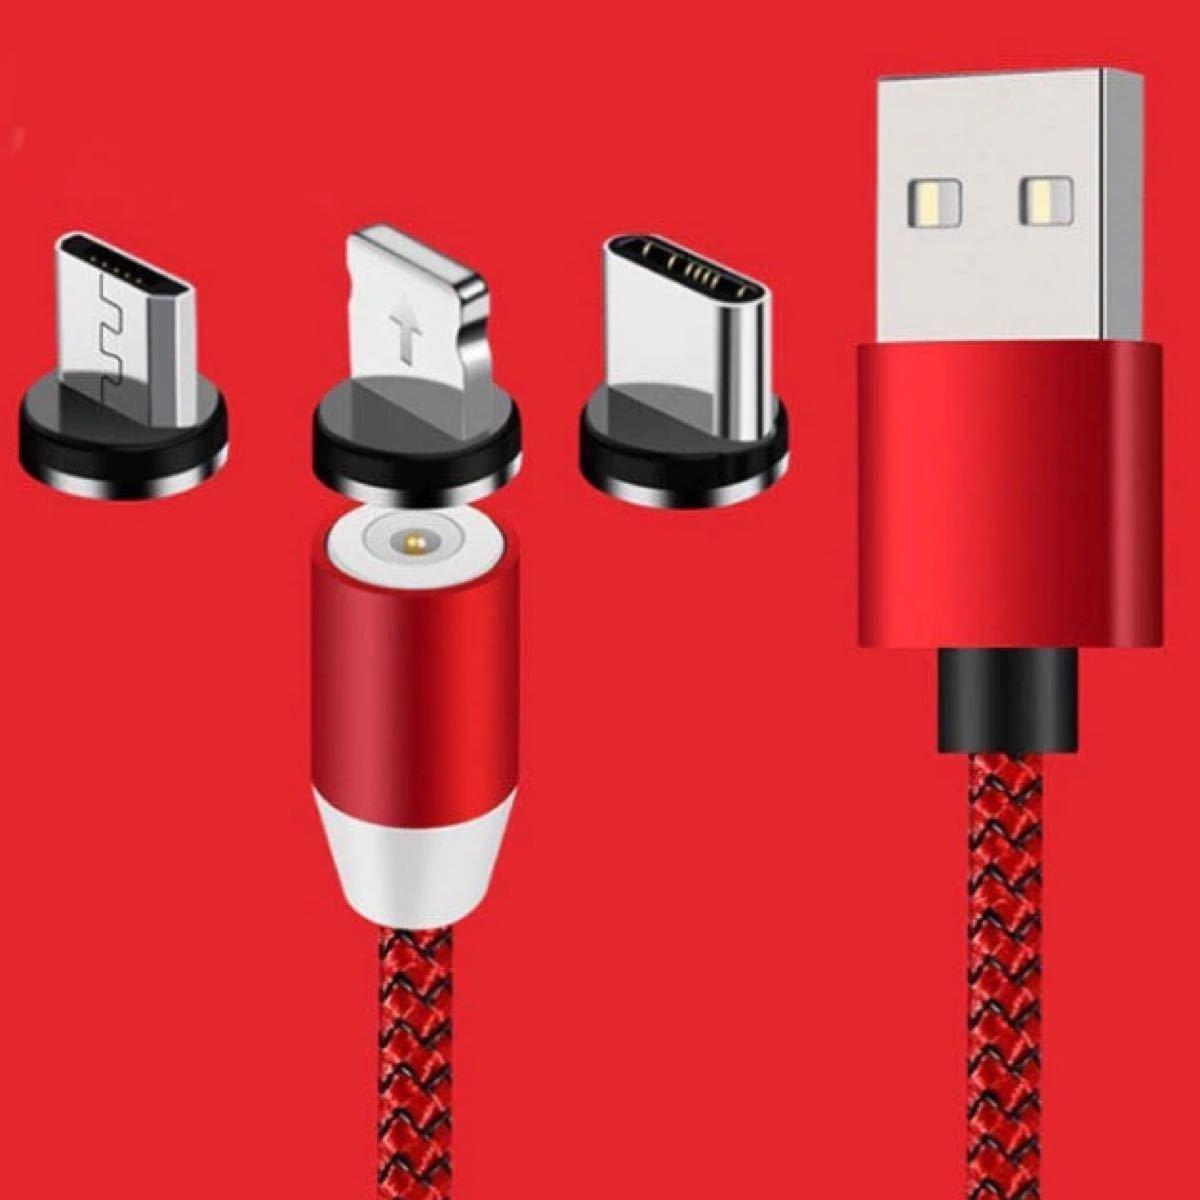 マグネット充電ケーブル*3本+端子*6(iPhone Android TYPE-C)急速充電 断線防止磁石式 ケーブル 3本セット